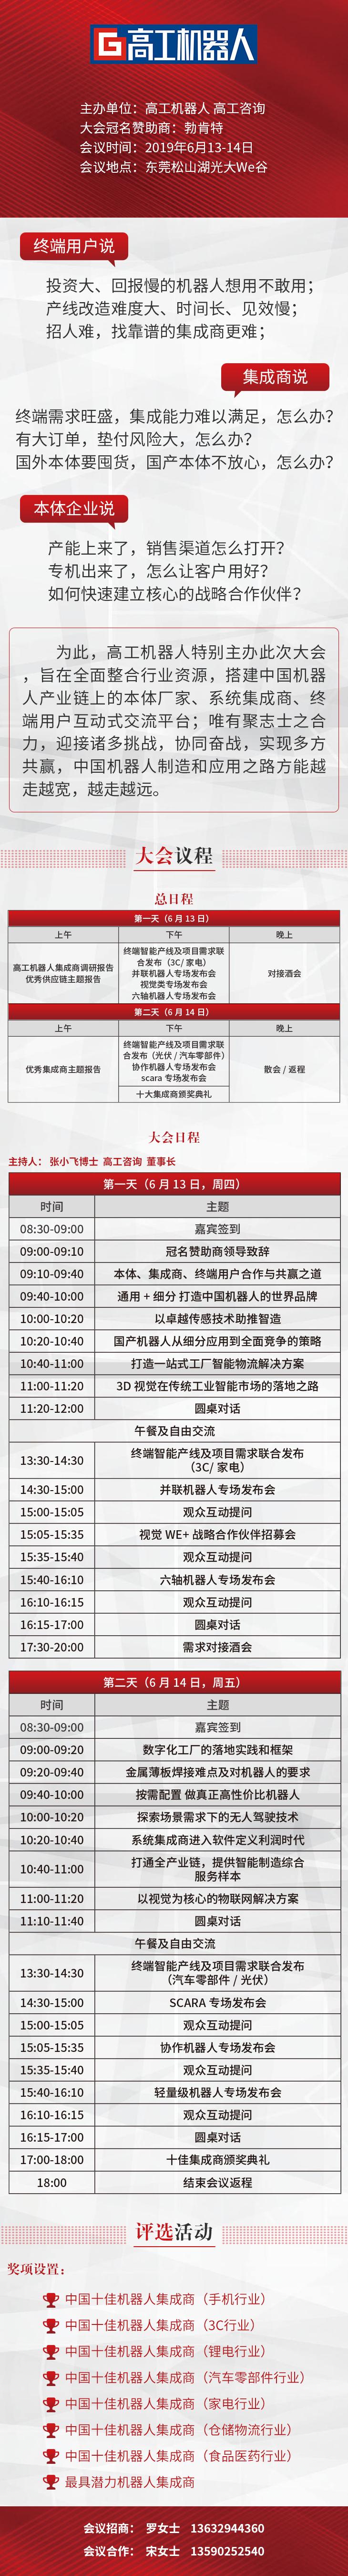 20190410图文(3).png